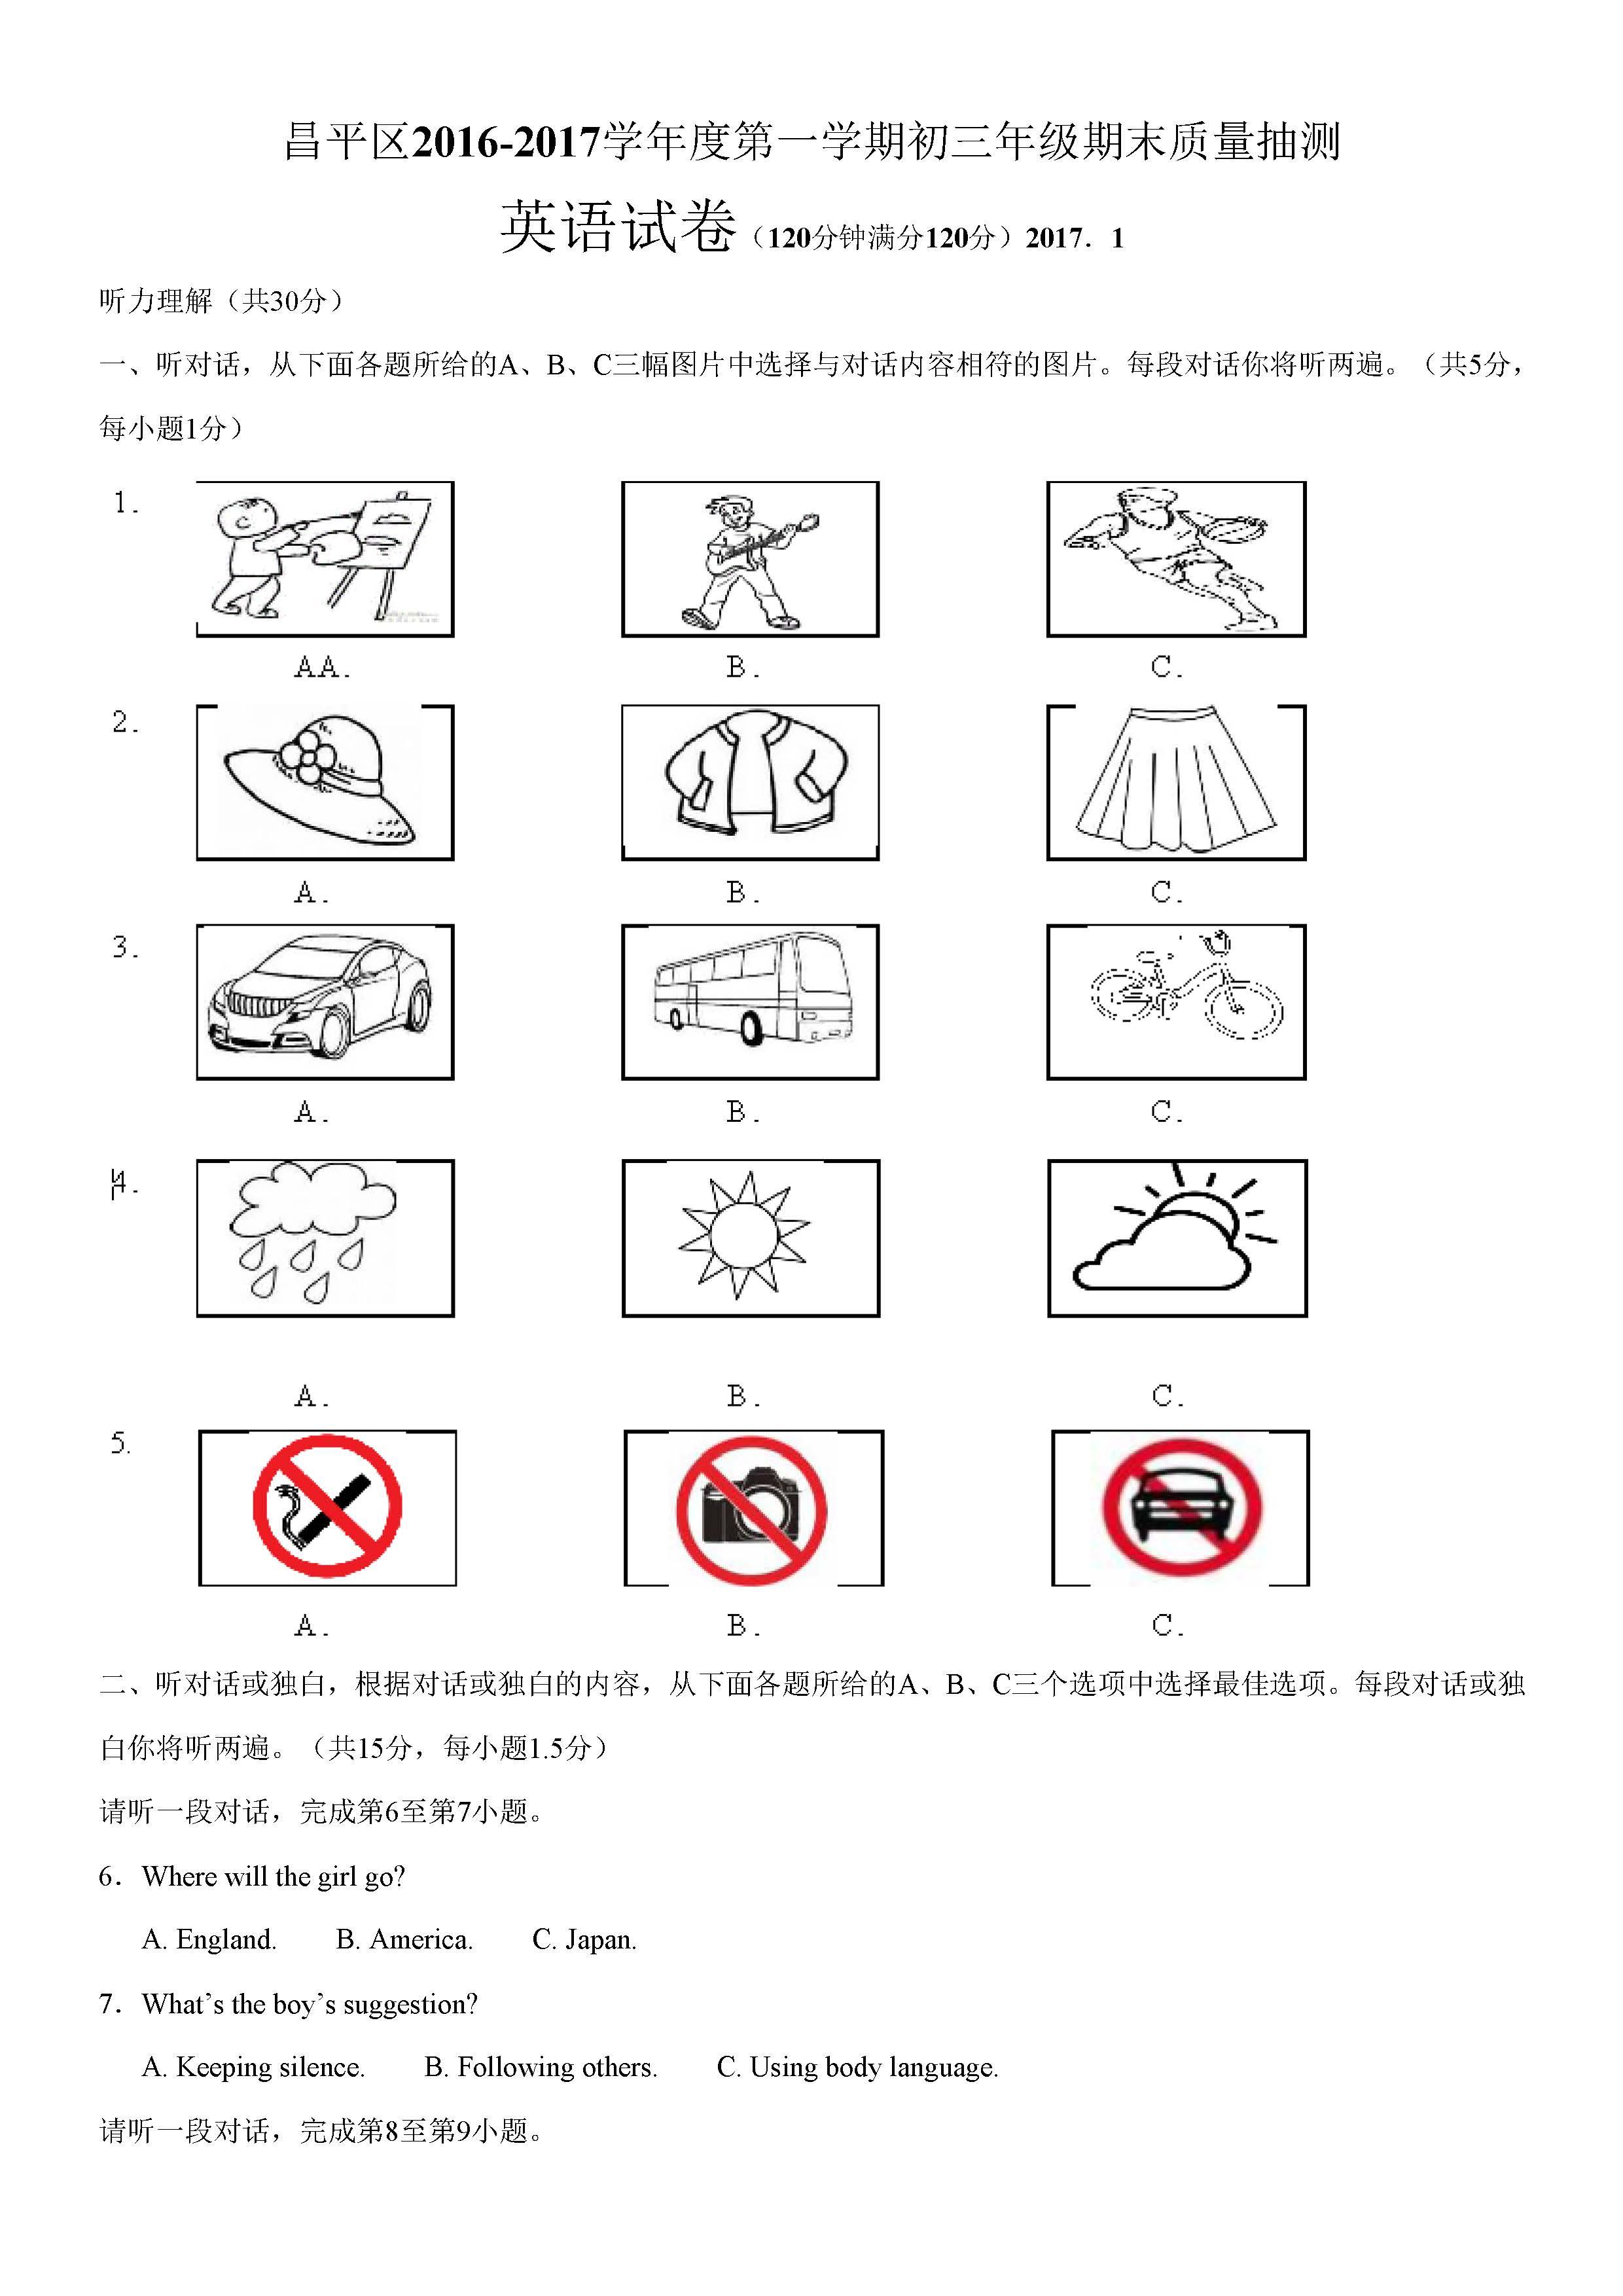 2017.1昌平初三上期末英语试题及答案(图片版)